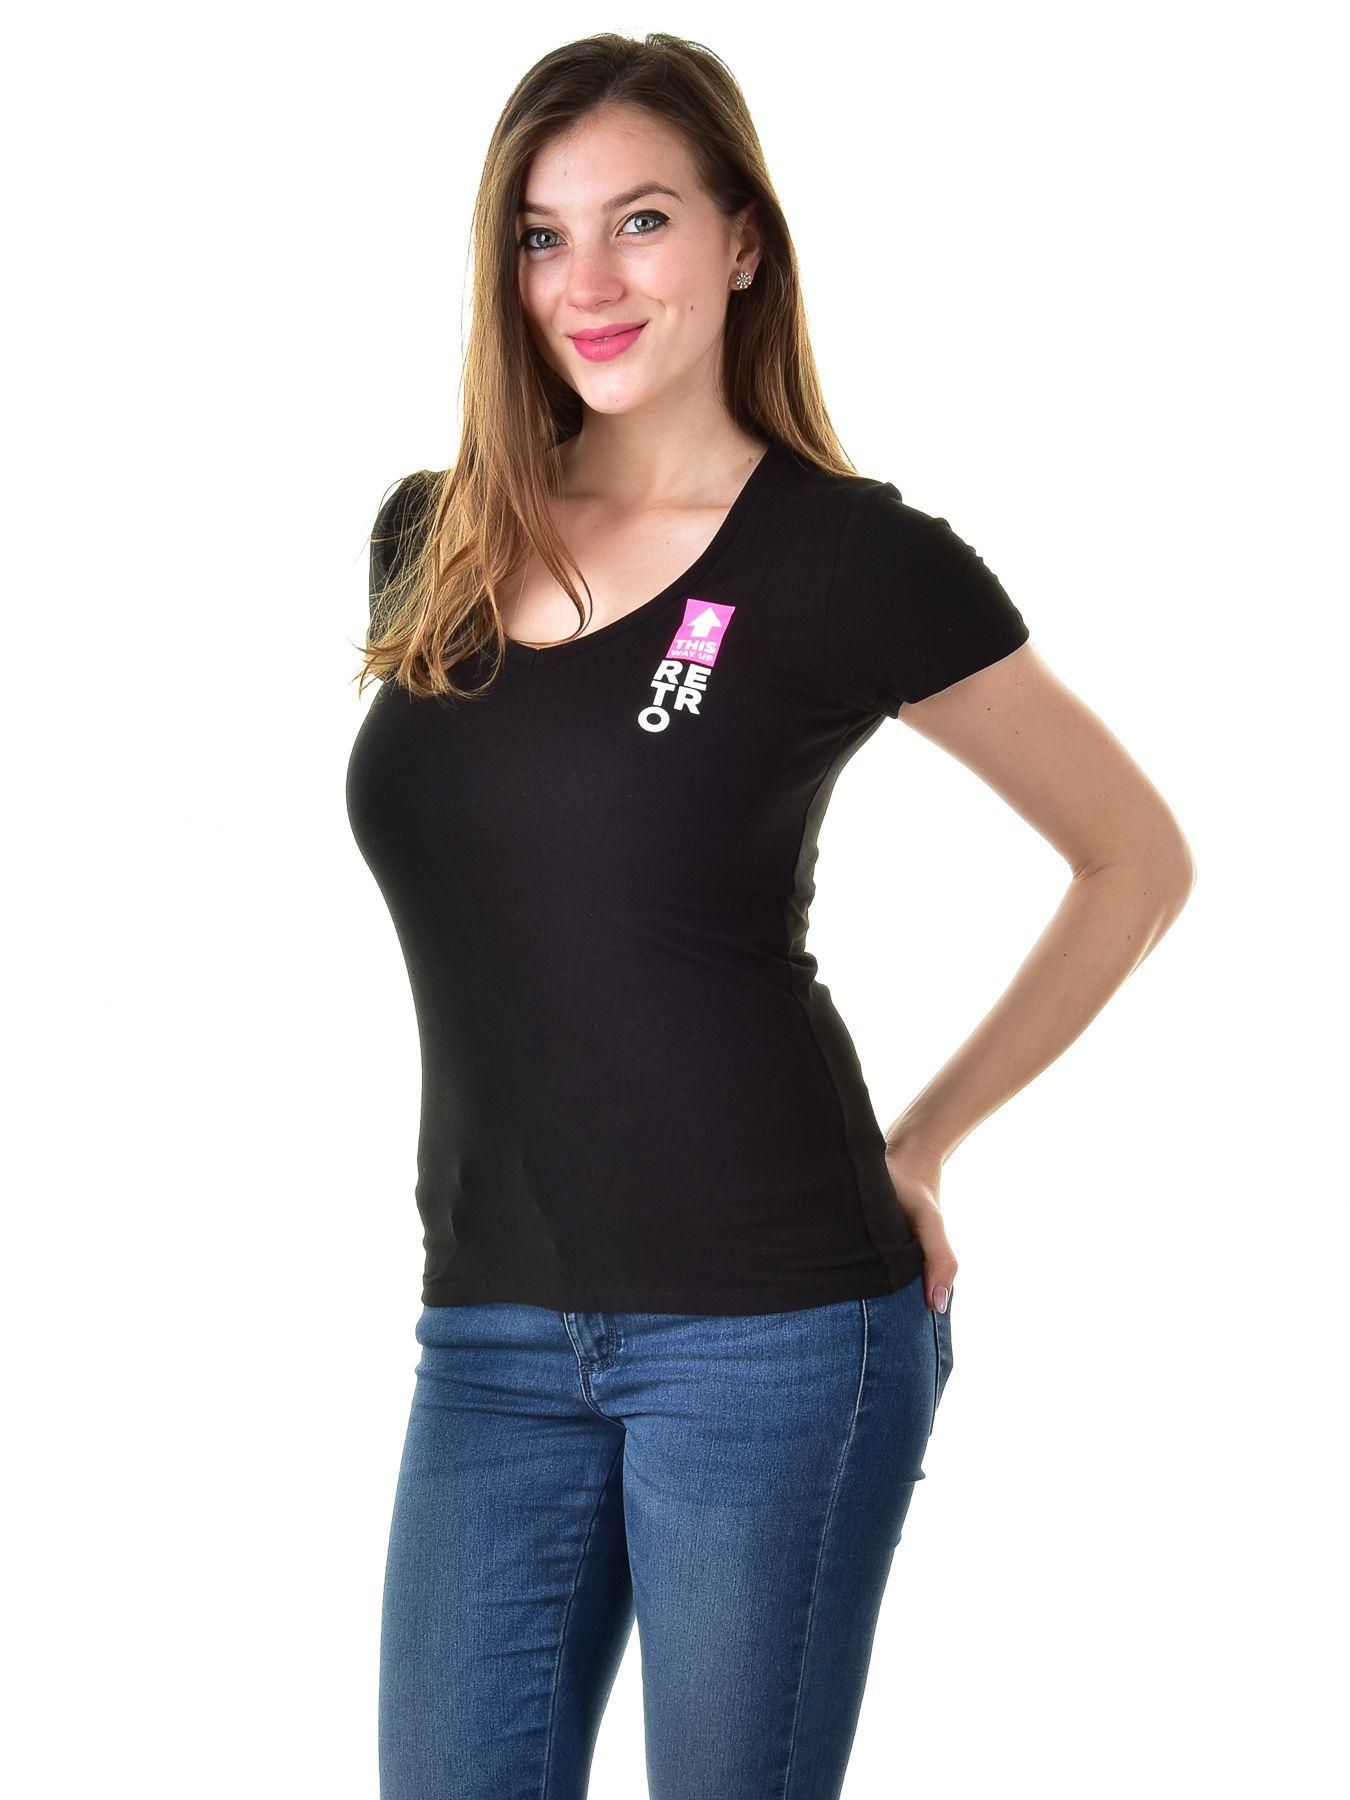 Retro Jeans női póló AMBER | Markasbolt.hu Hivatalos RETRO